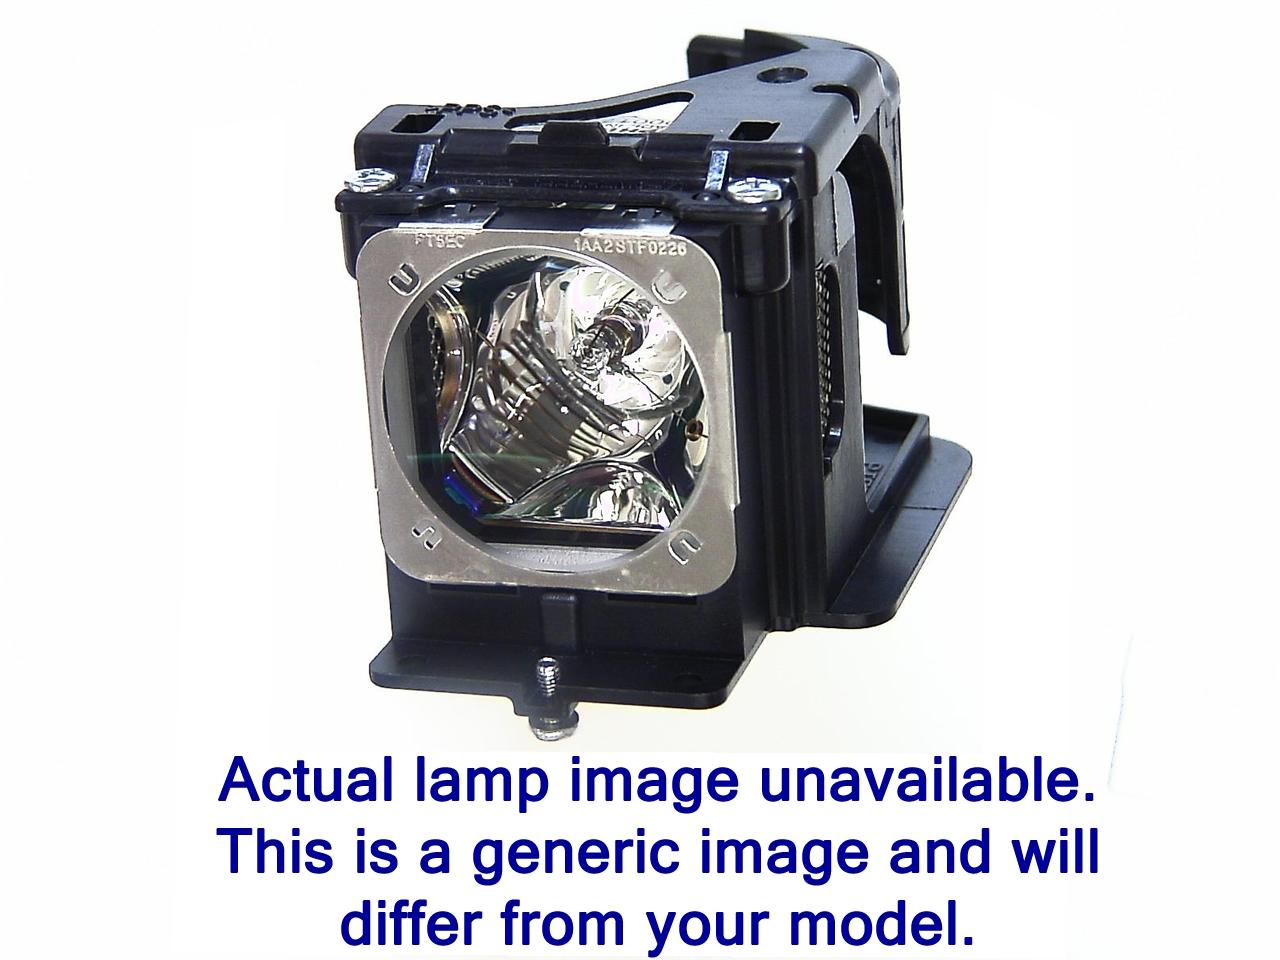 Lámpara PROXIMA DP6400x